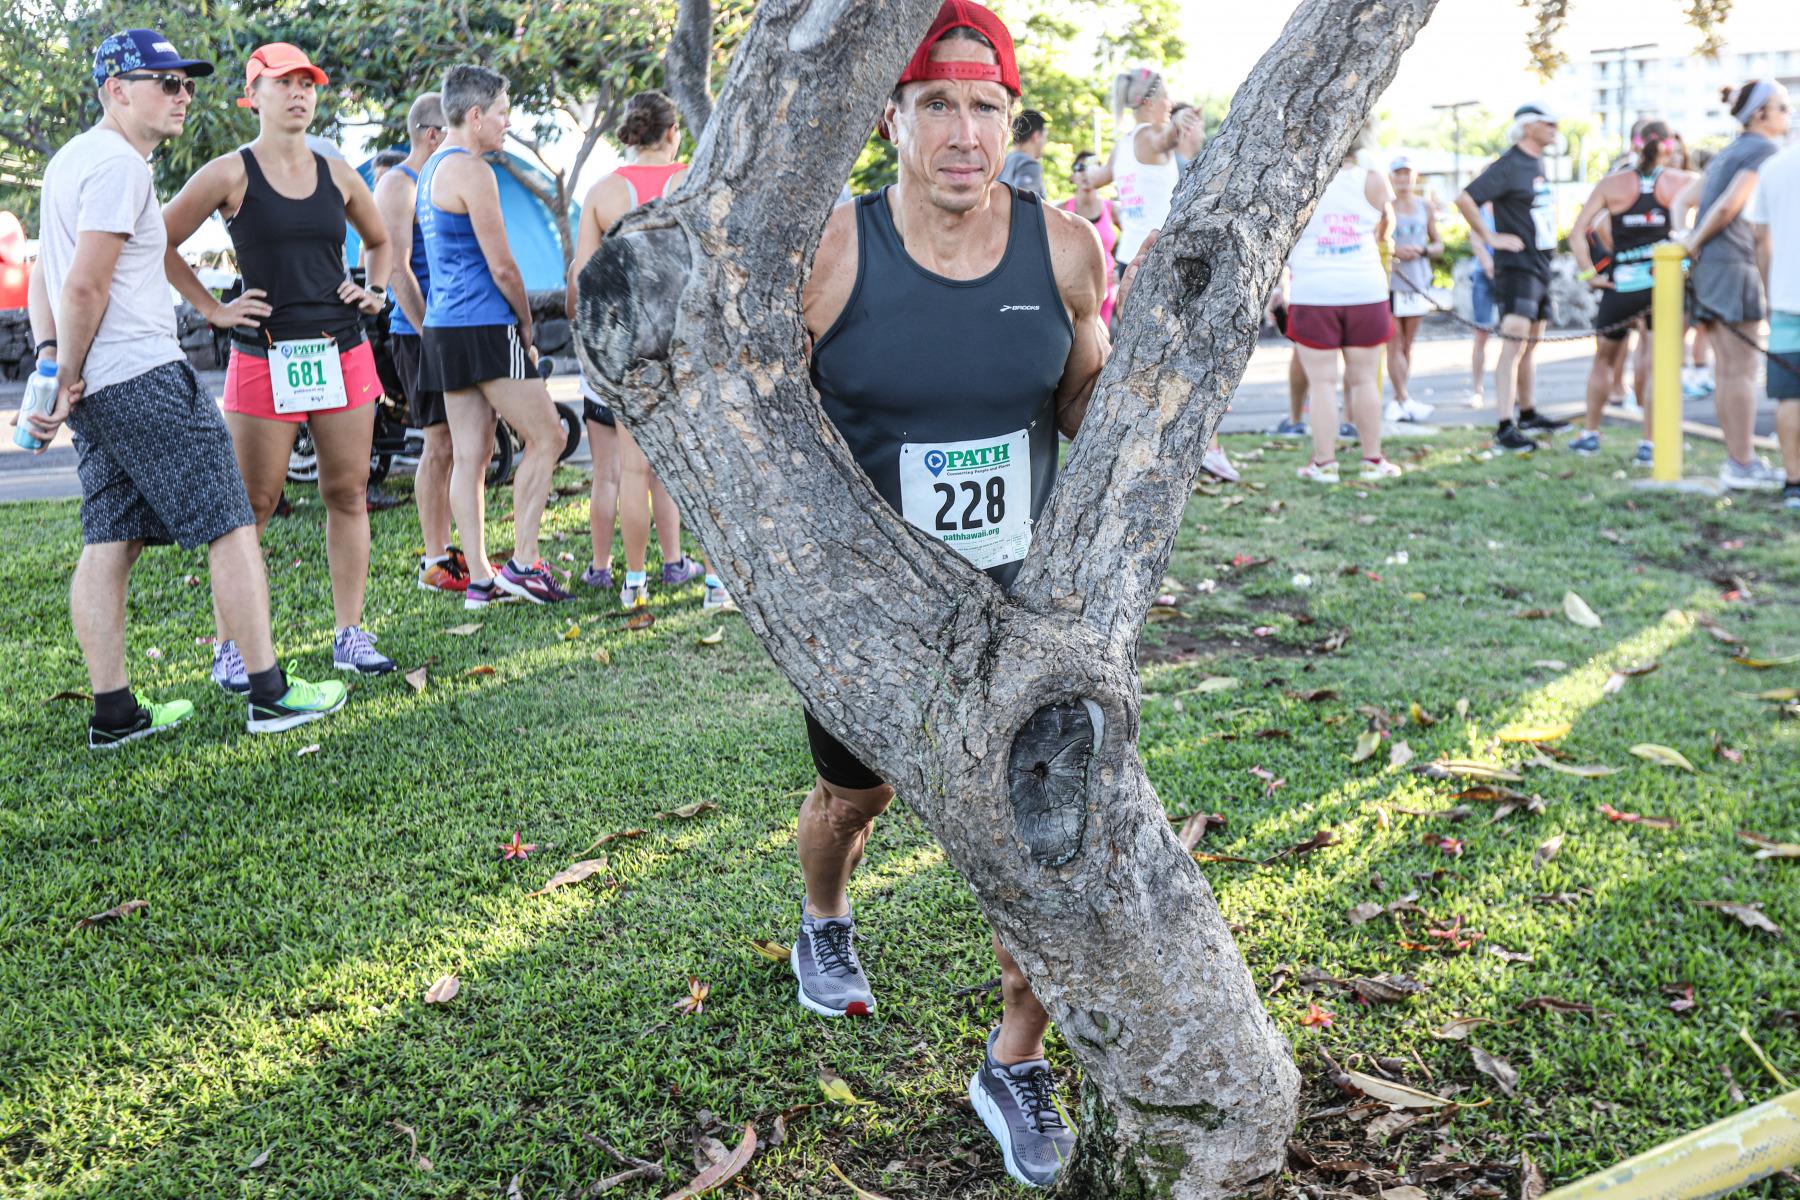 Nicht nur Hawaii-Qualifikanten sind am Start. Zahlreiche mitgereiste Supporter, Freunde und Verwandte nutzen den Lauf, um sich sportlich zu betätigen.